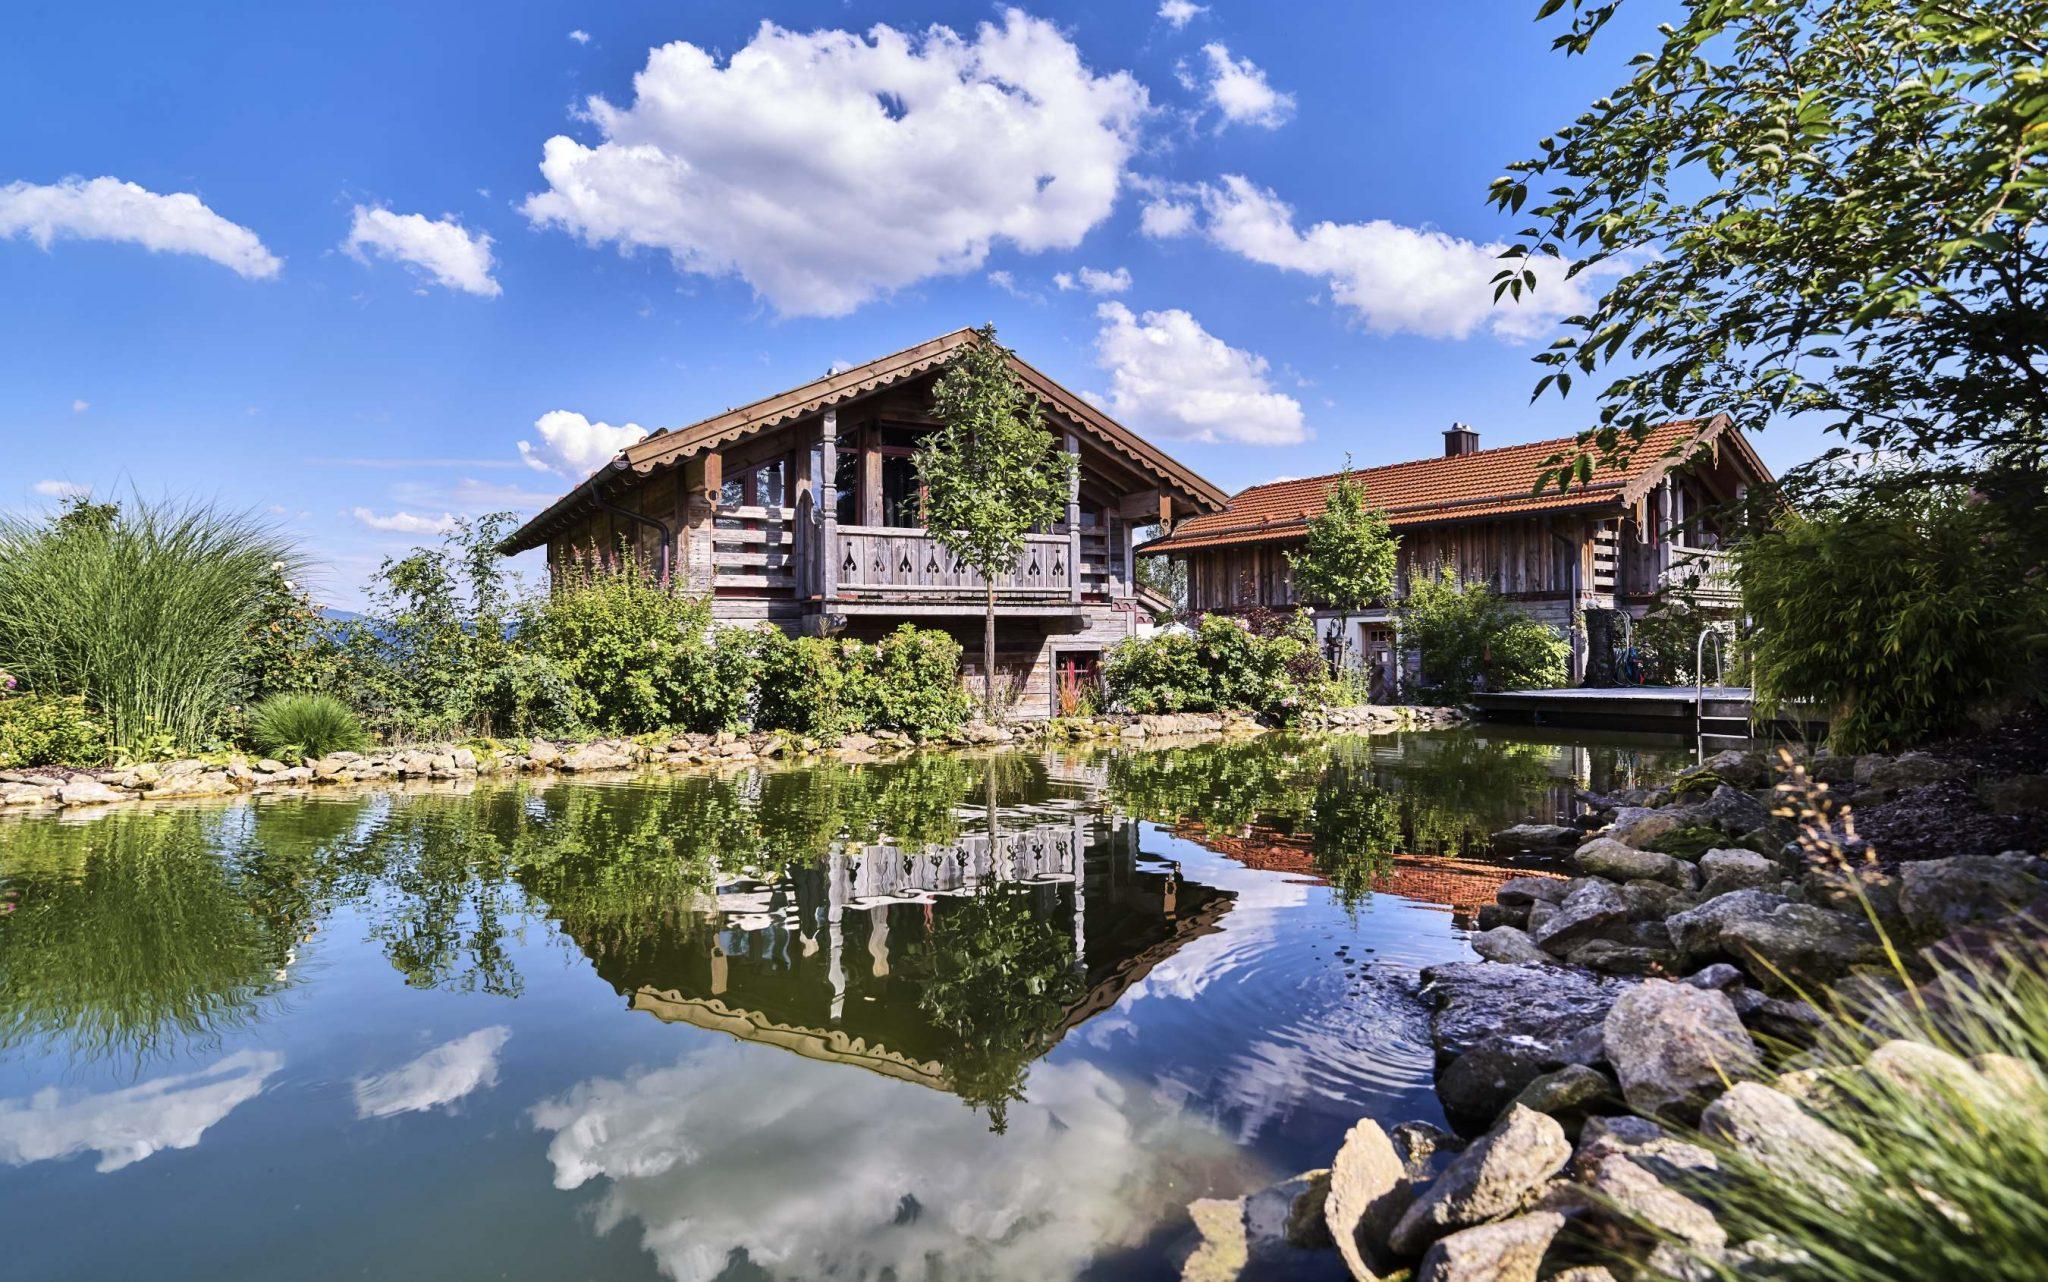 Hotel und Chalets Sterr in Viechtach